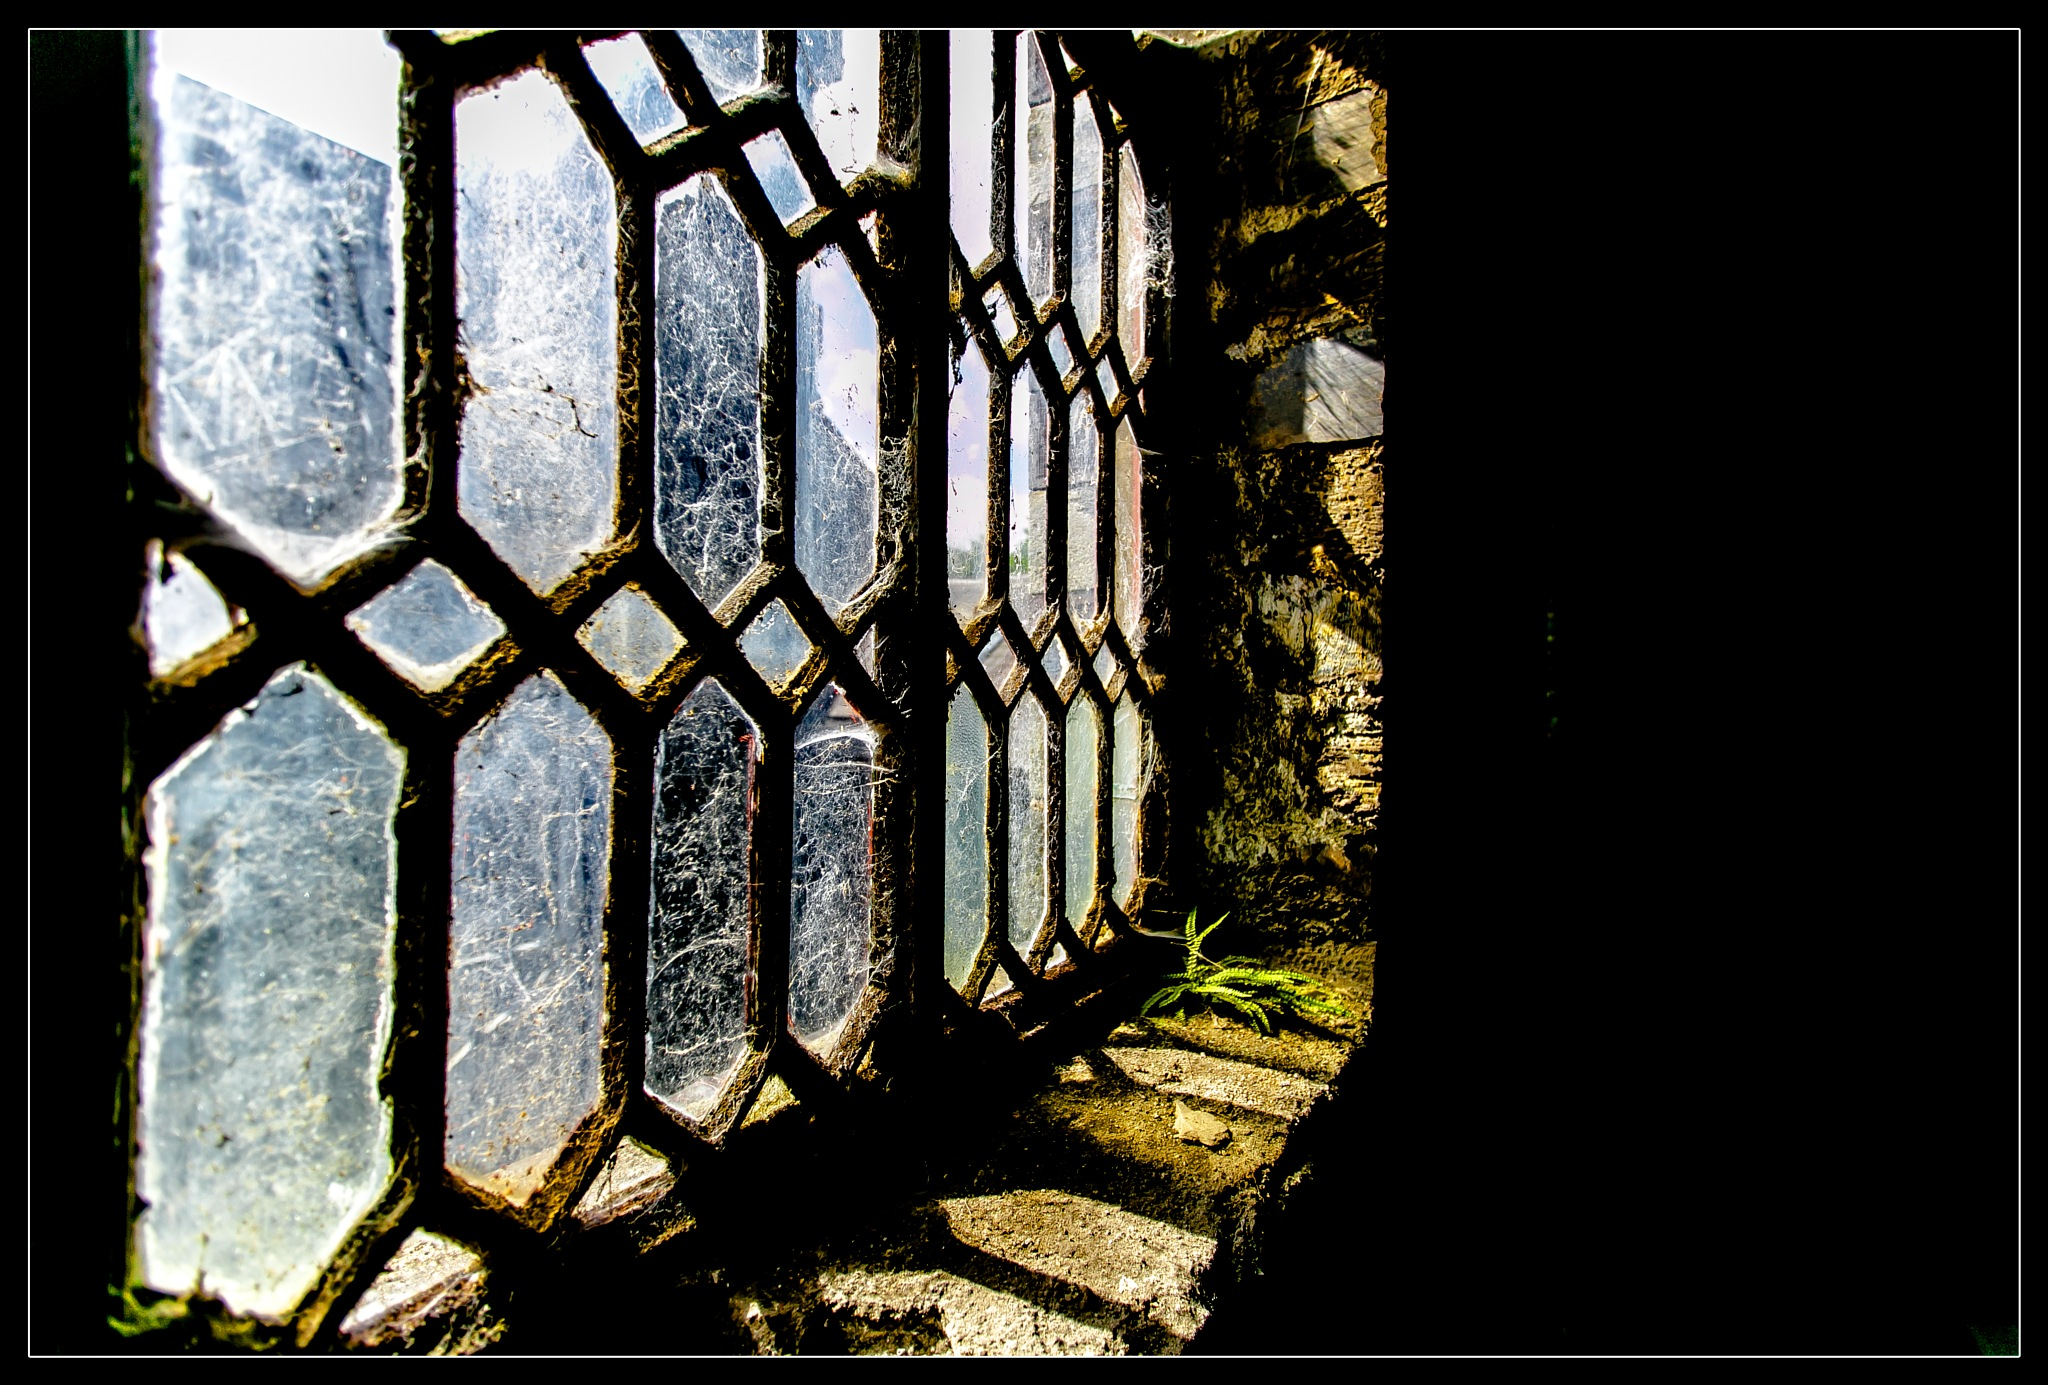 Outside inside by ad.kesteloo